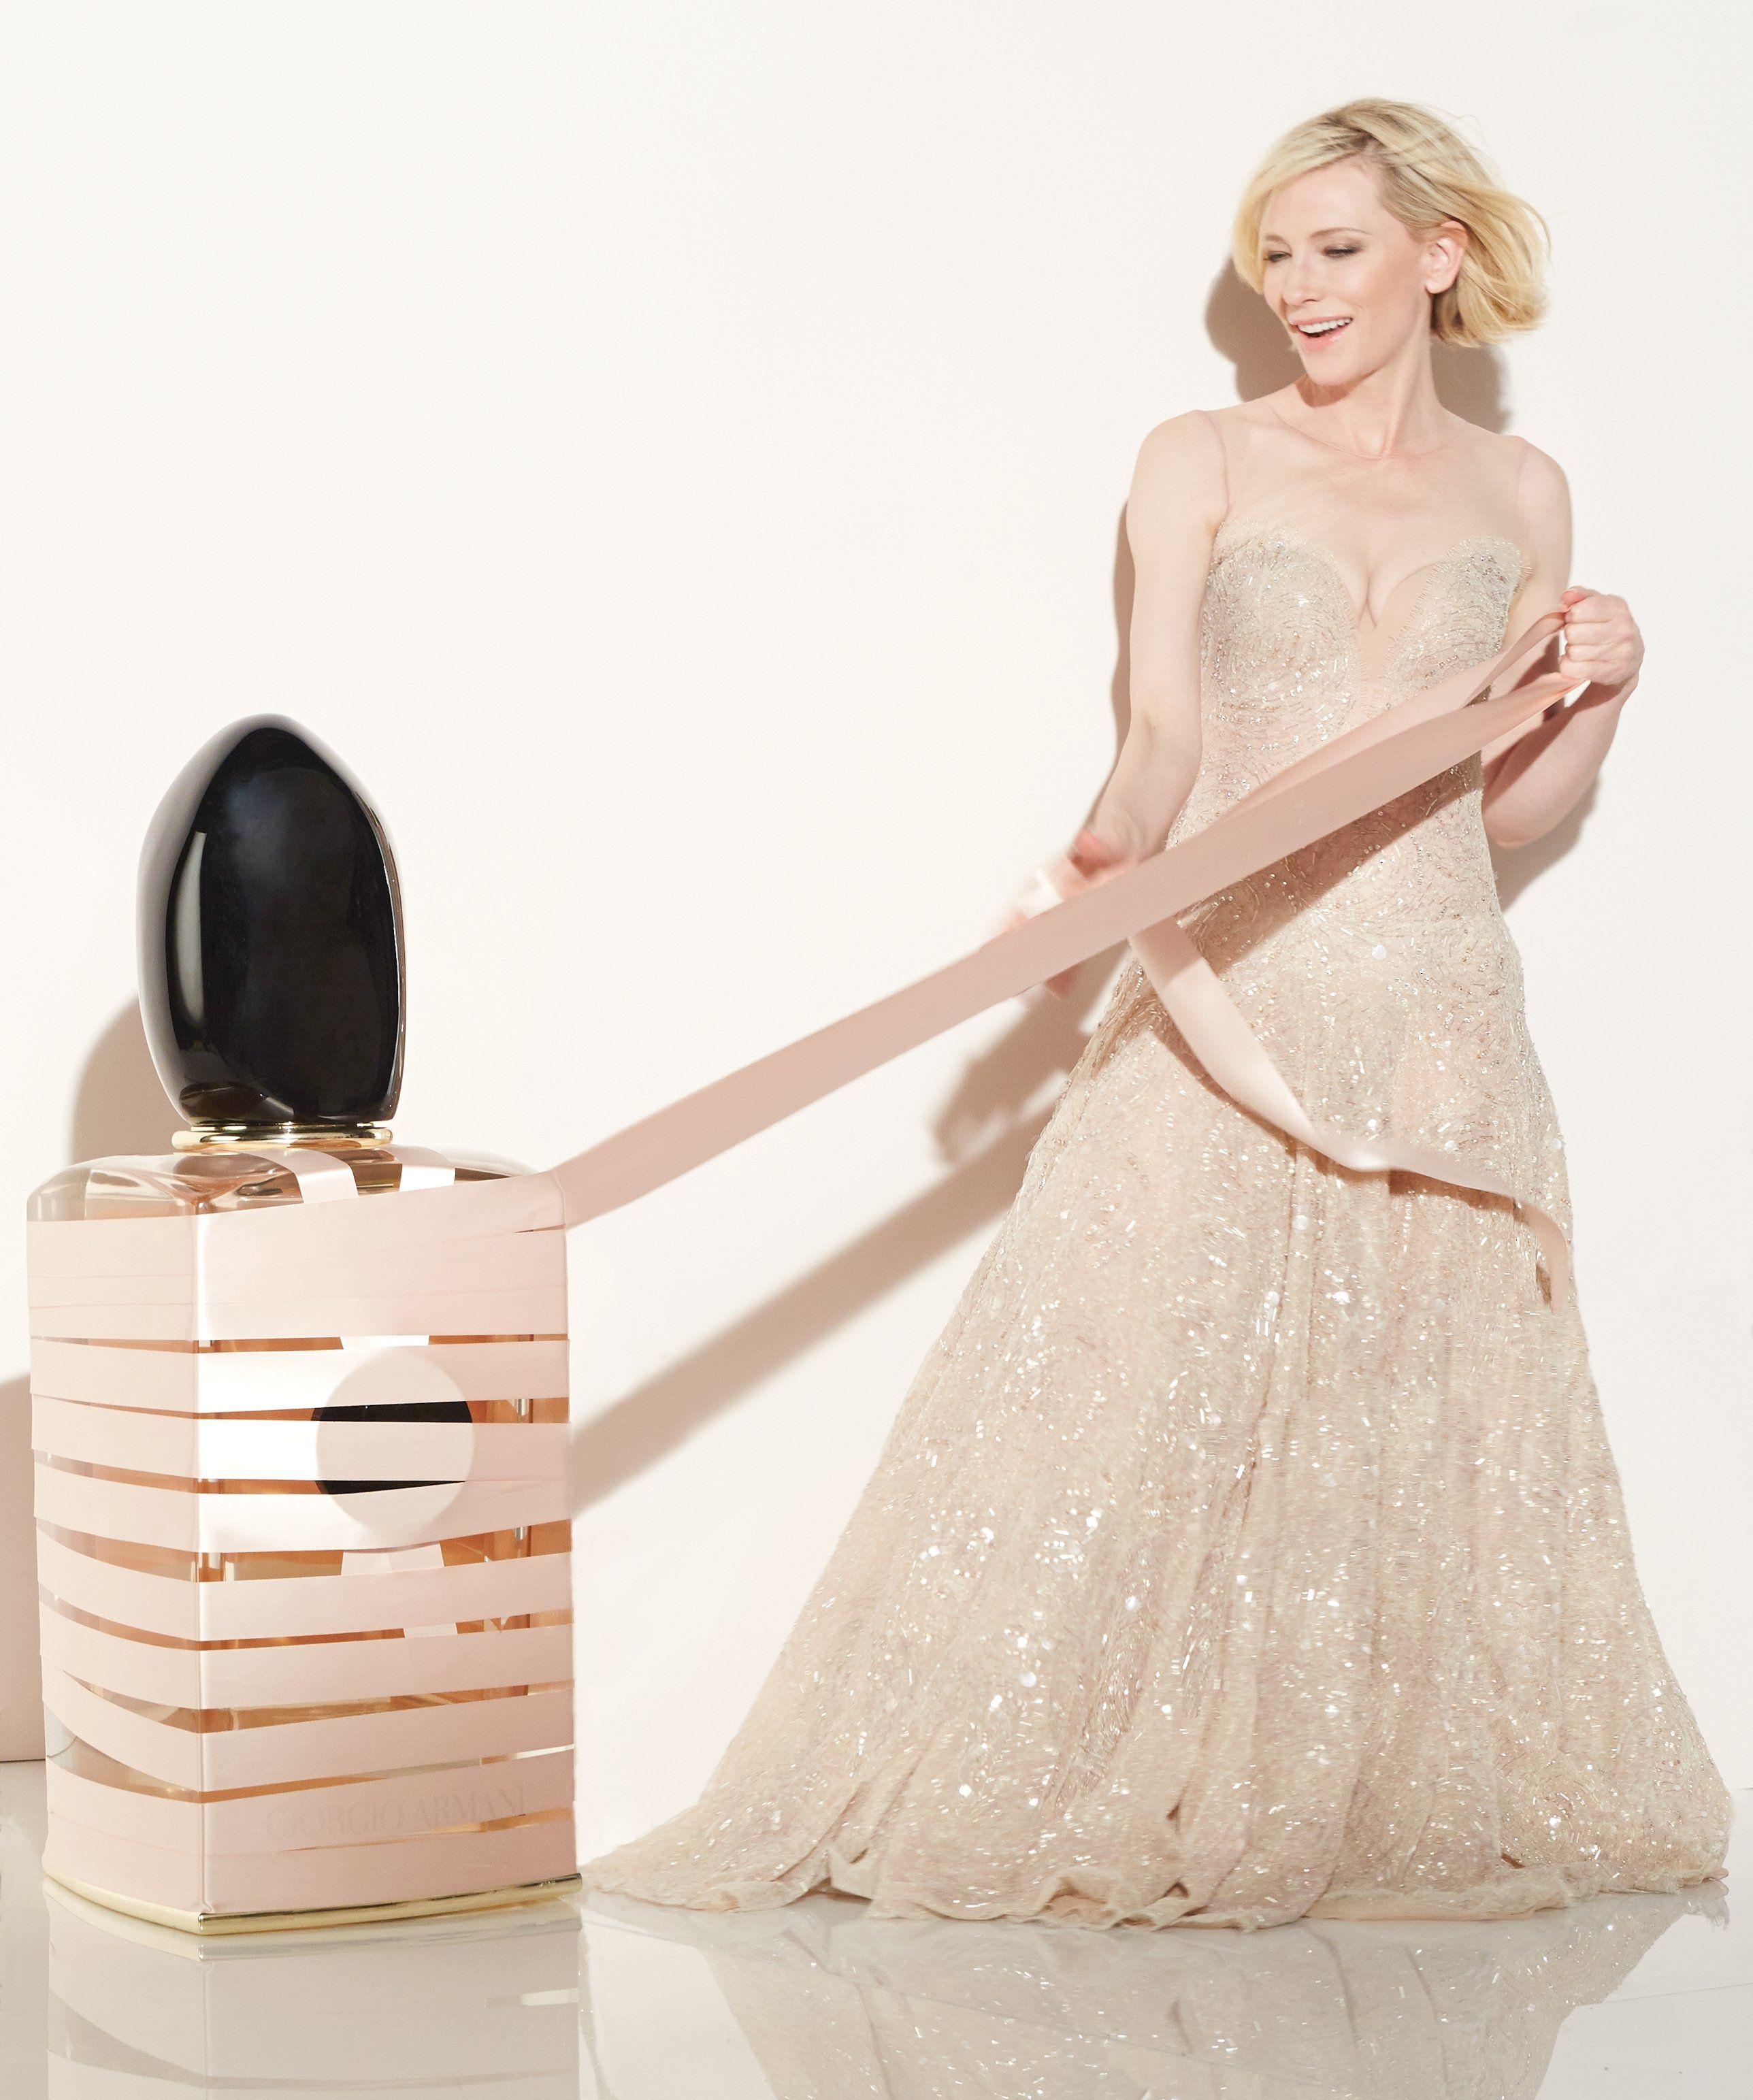 Giorgio-Armani-Si-Rose-Signature_Cate-Blanchett-1-s